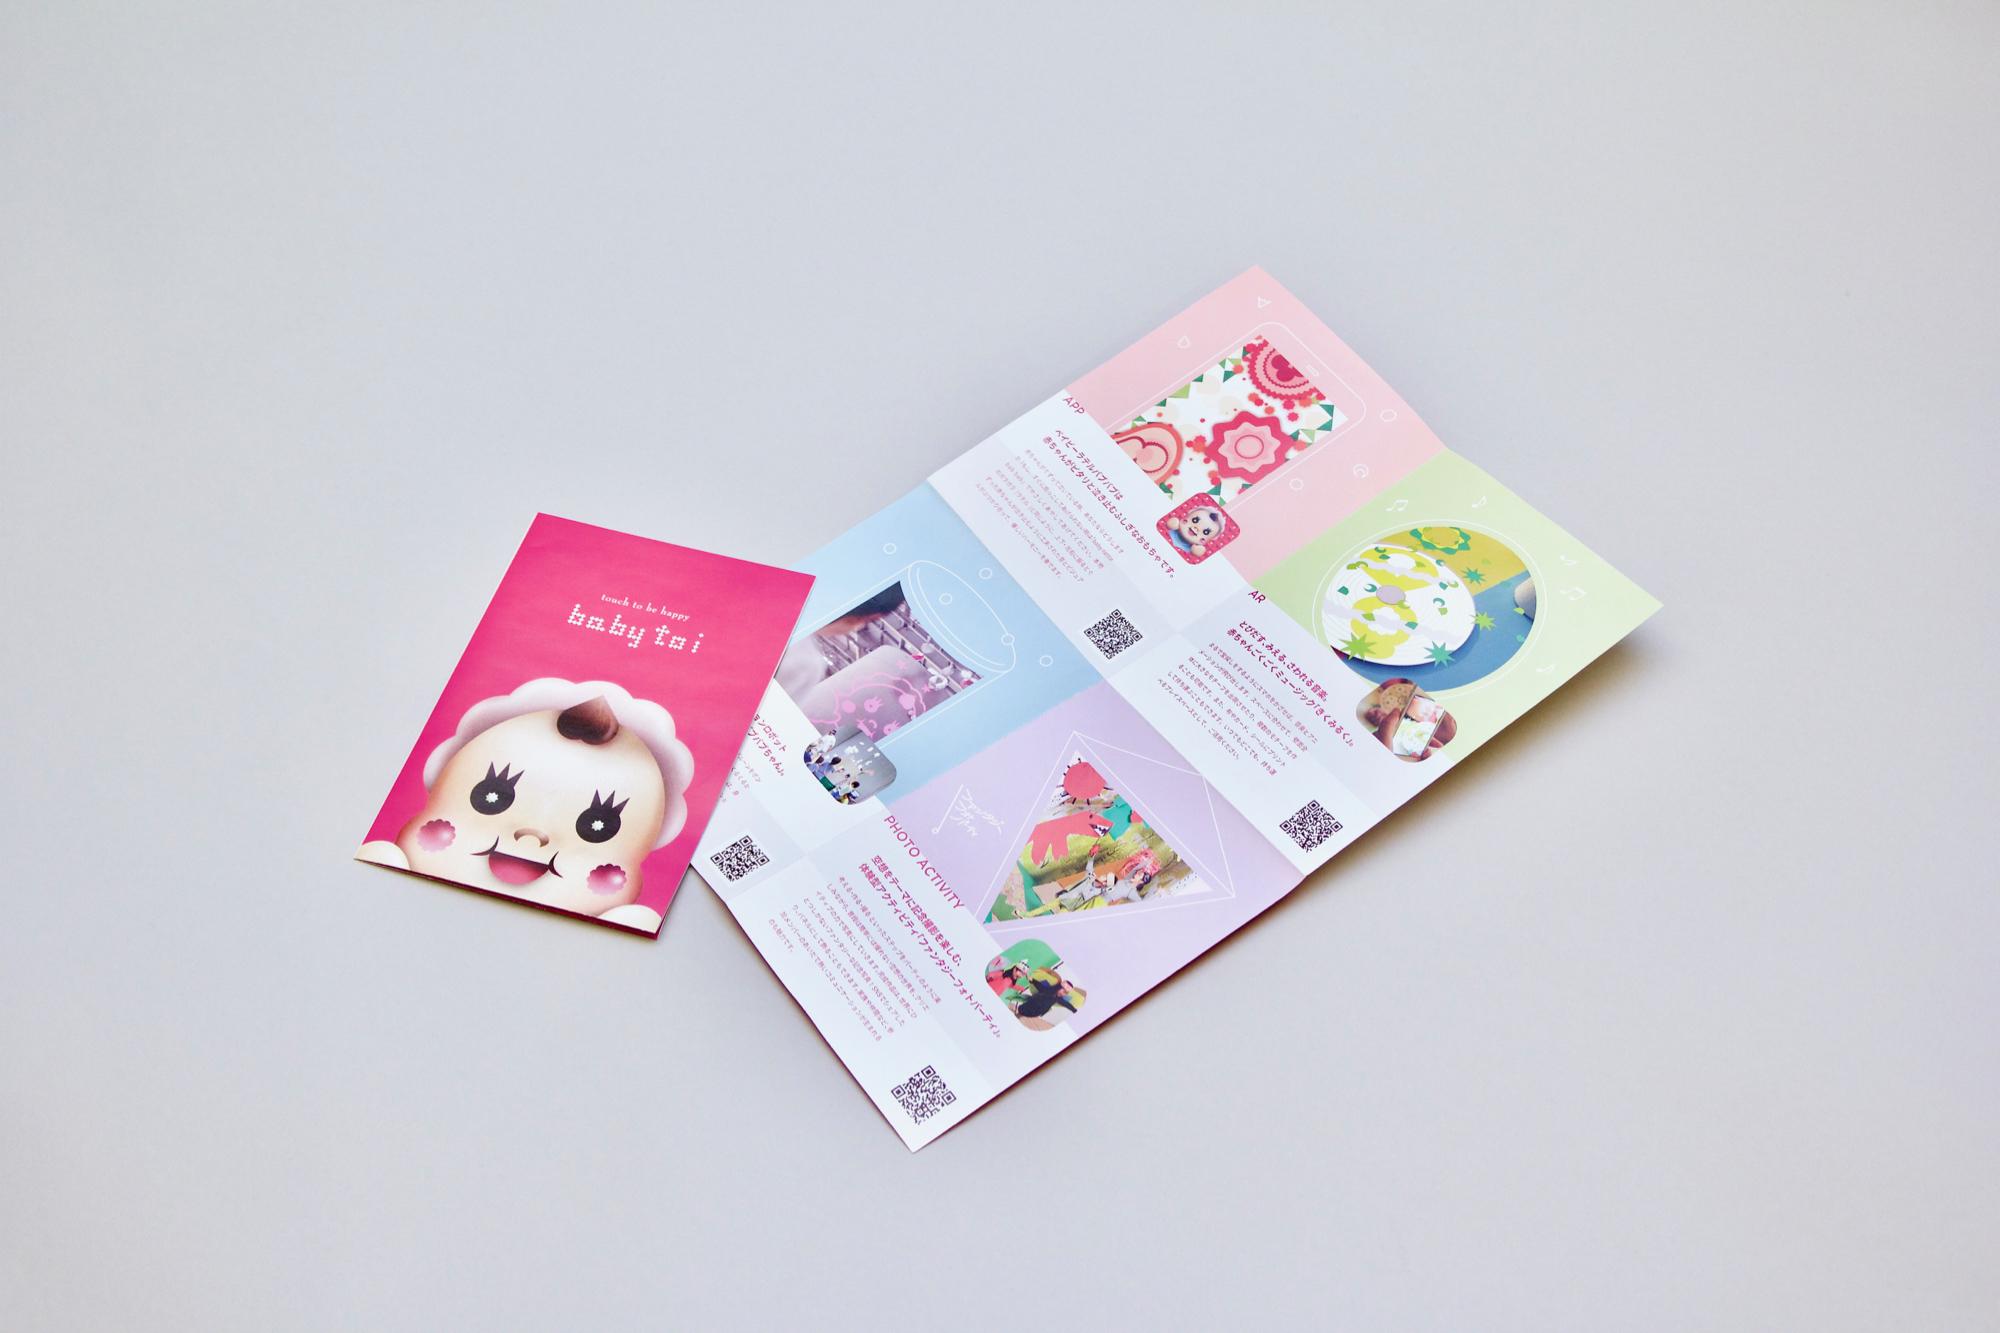 事業リーフレットデザイン |A4クロス8頁折 オフセット フルカラー印刷